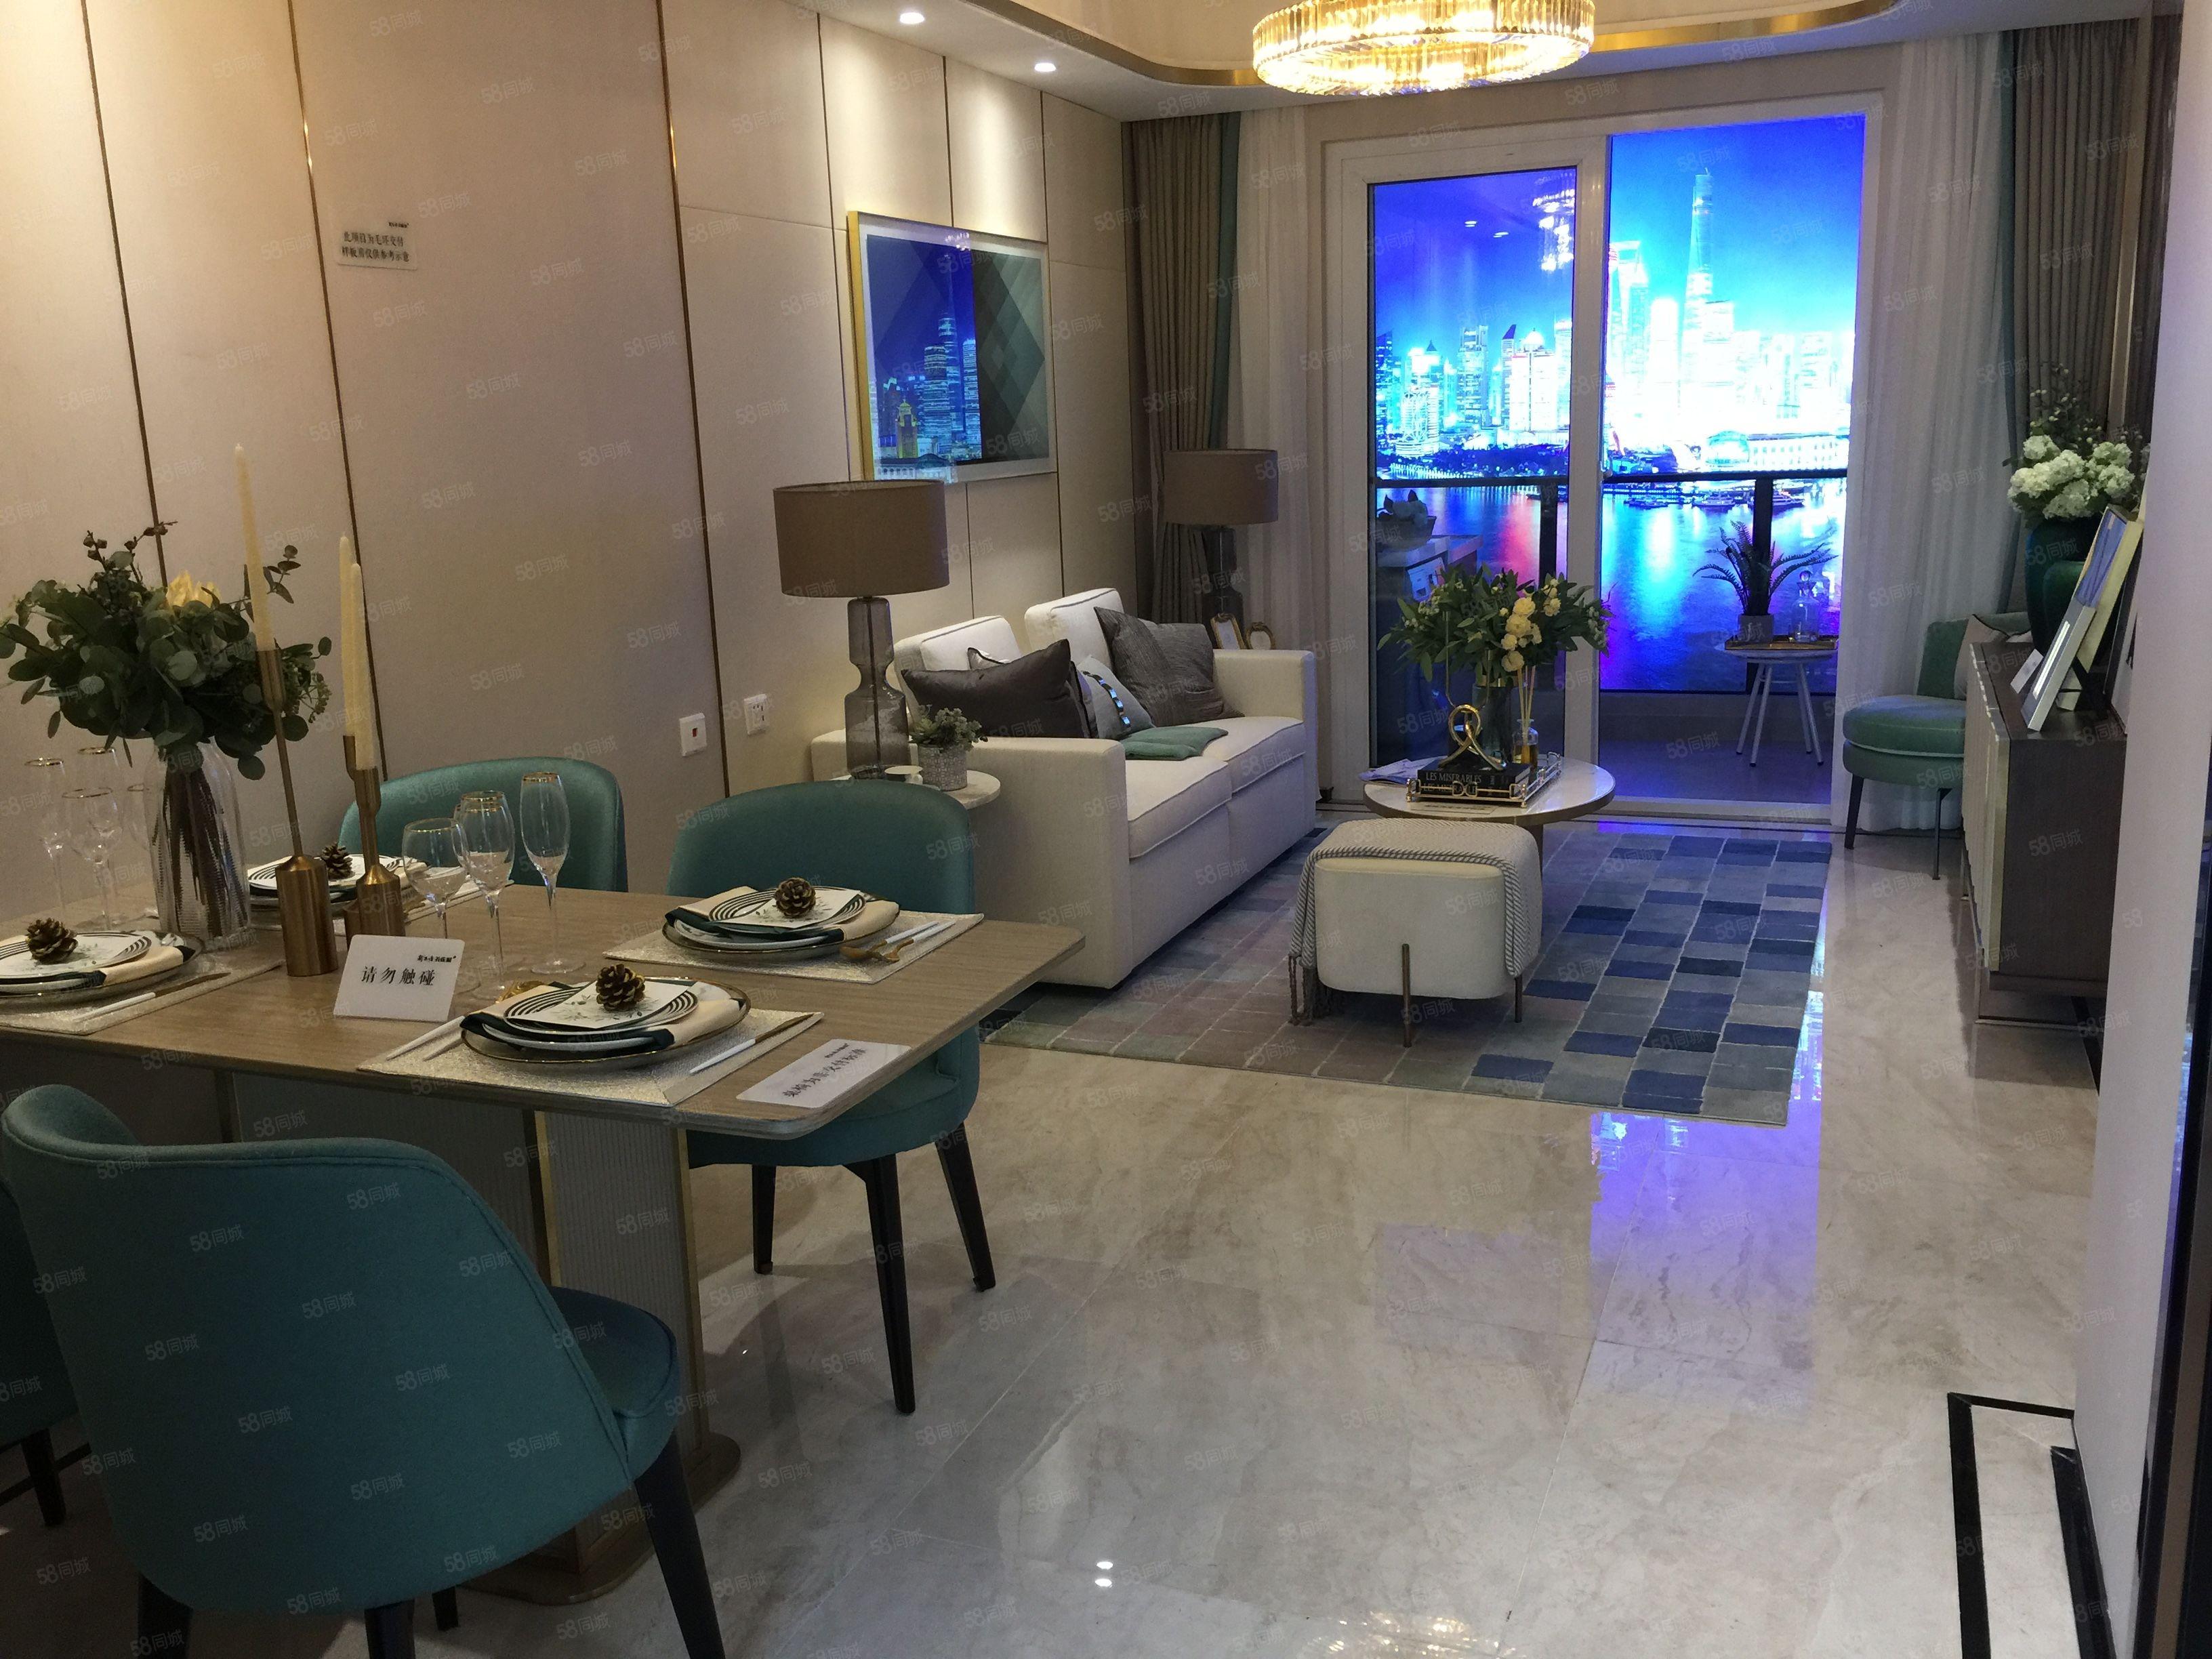 上海地铁9号线延伸段澳门24小时娱乐在线客运站旁新www.5524.com孔雀城内部认购